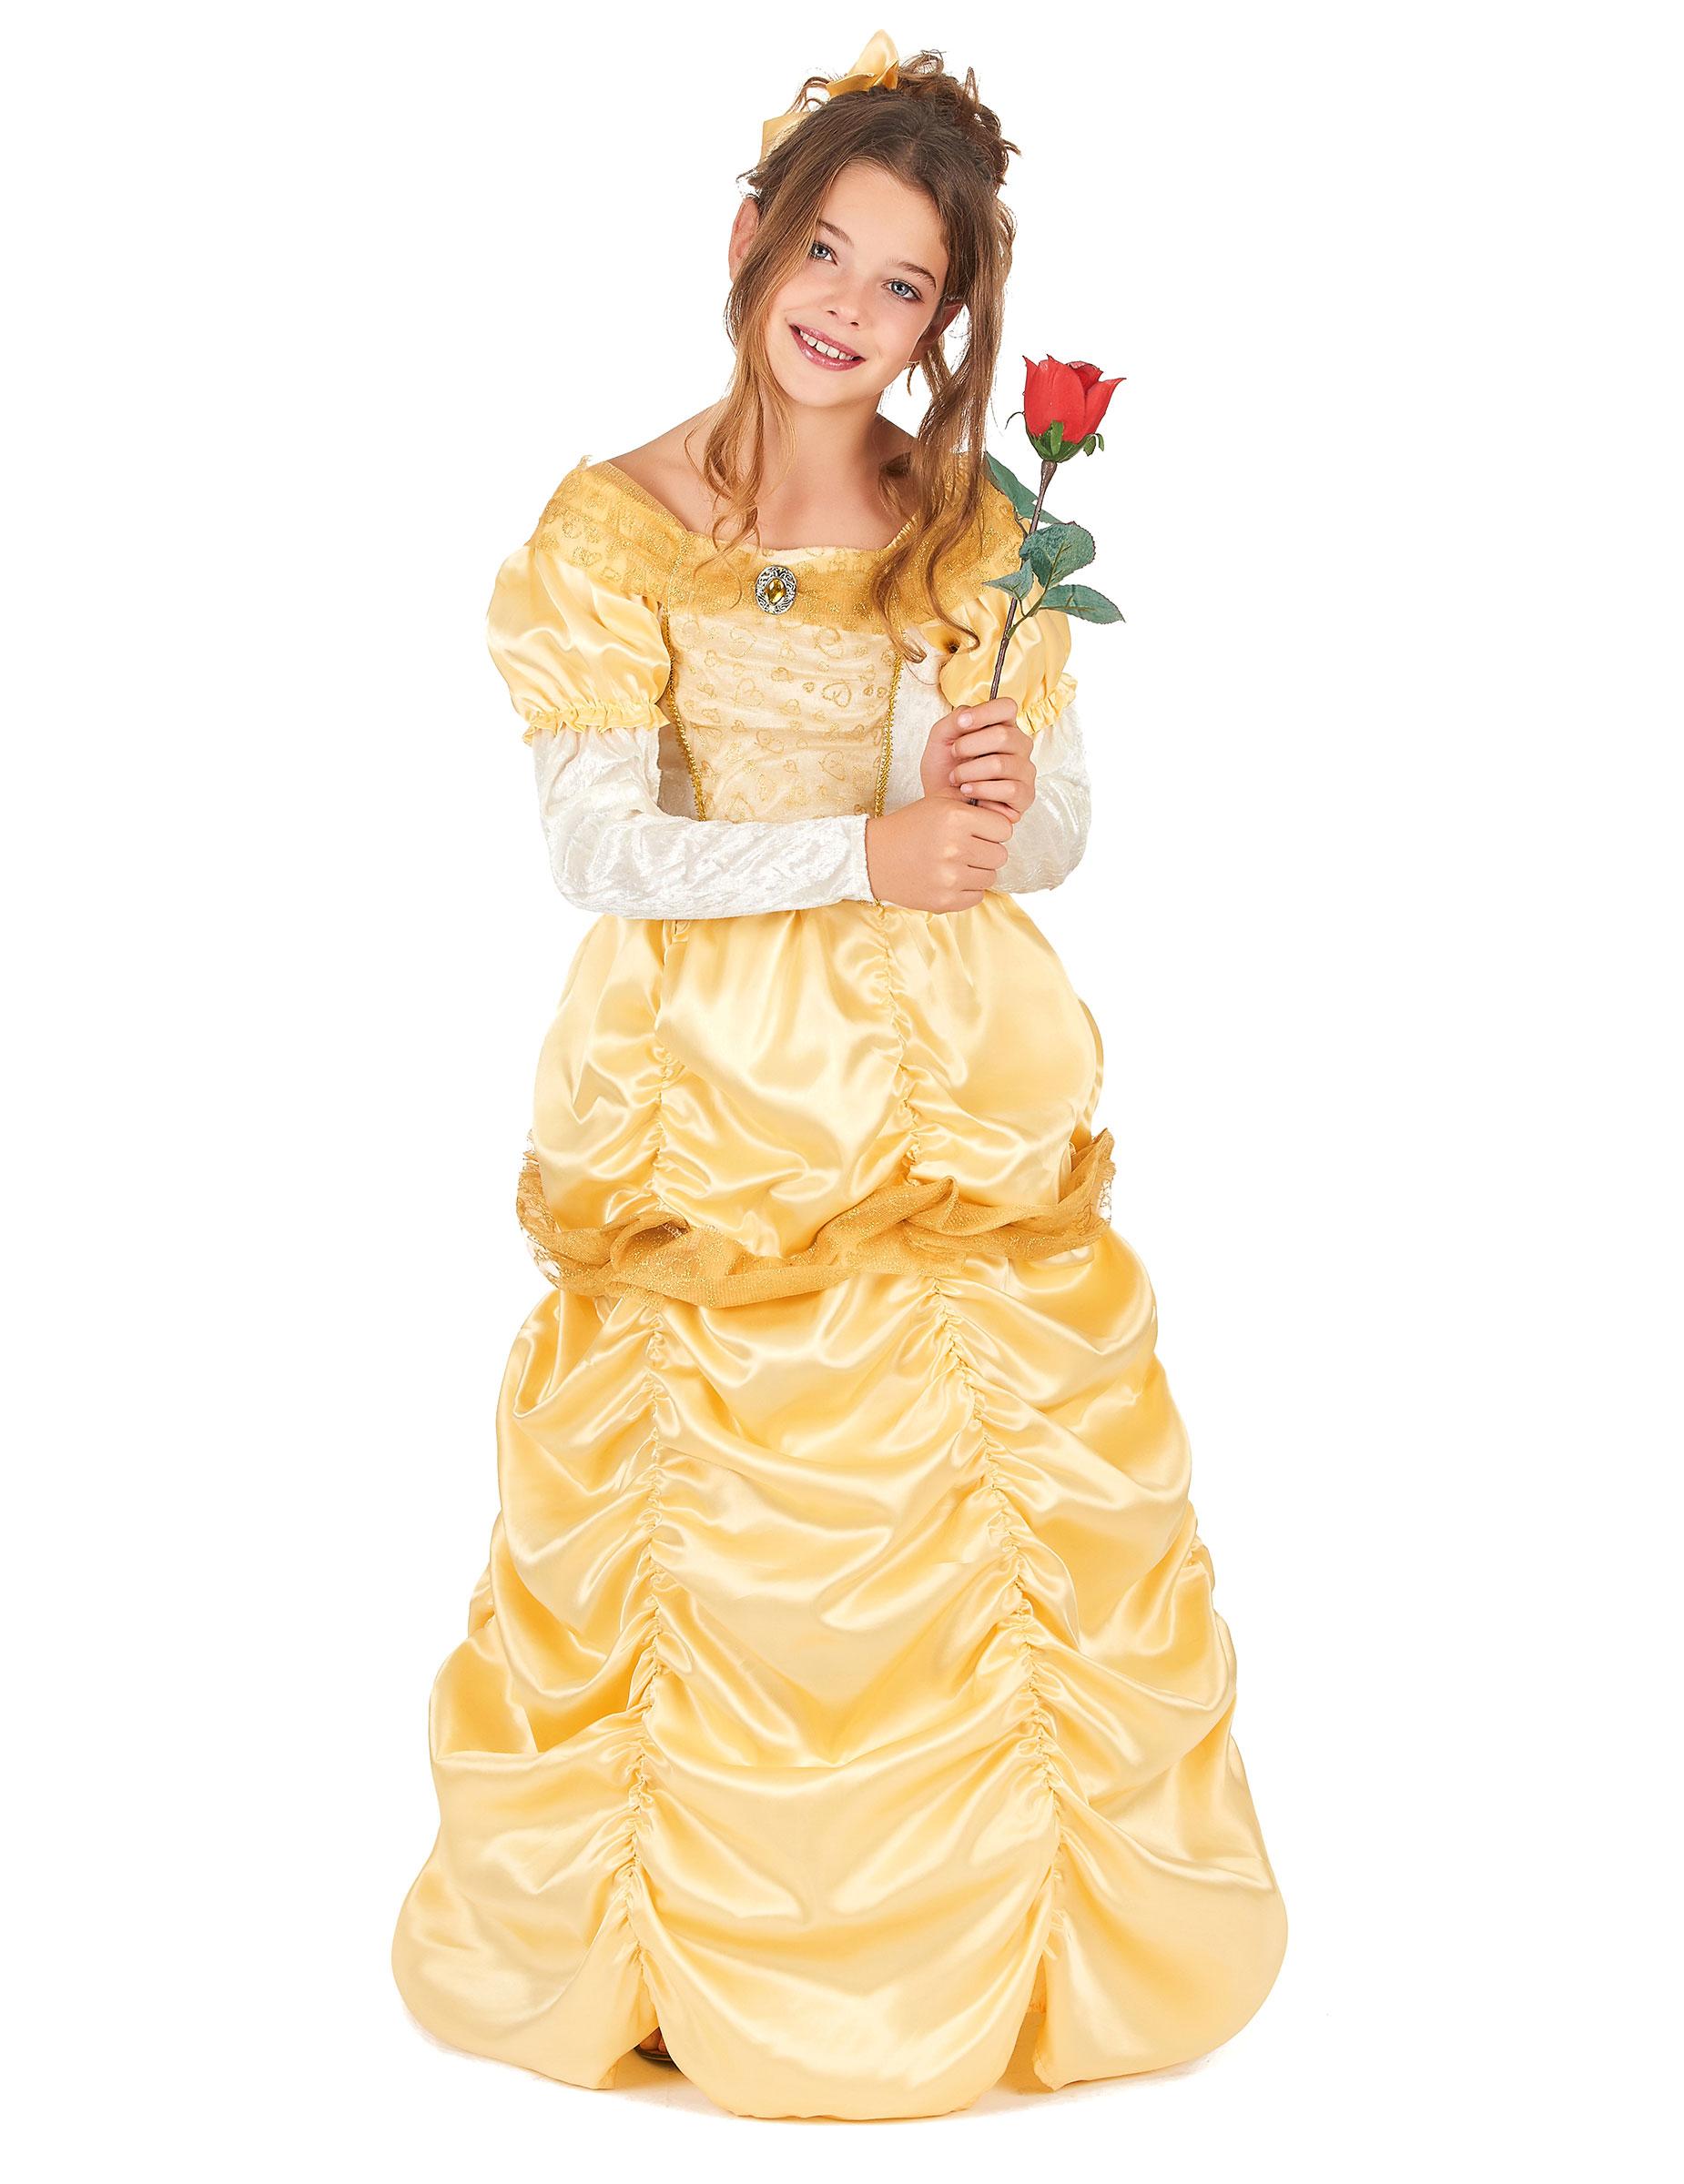 bbb2e8d9aaf3 Costume da principessa colore giallo bambina su VegaooParty, negozio ...